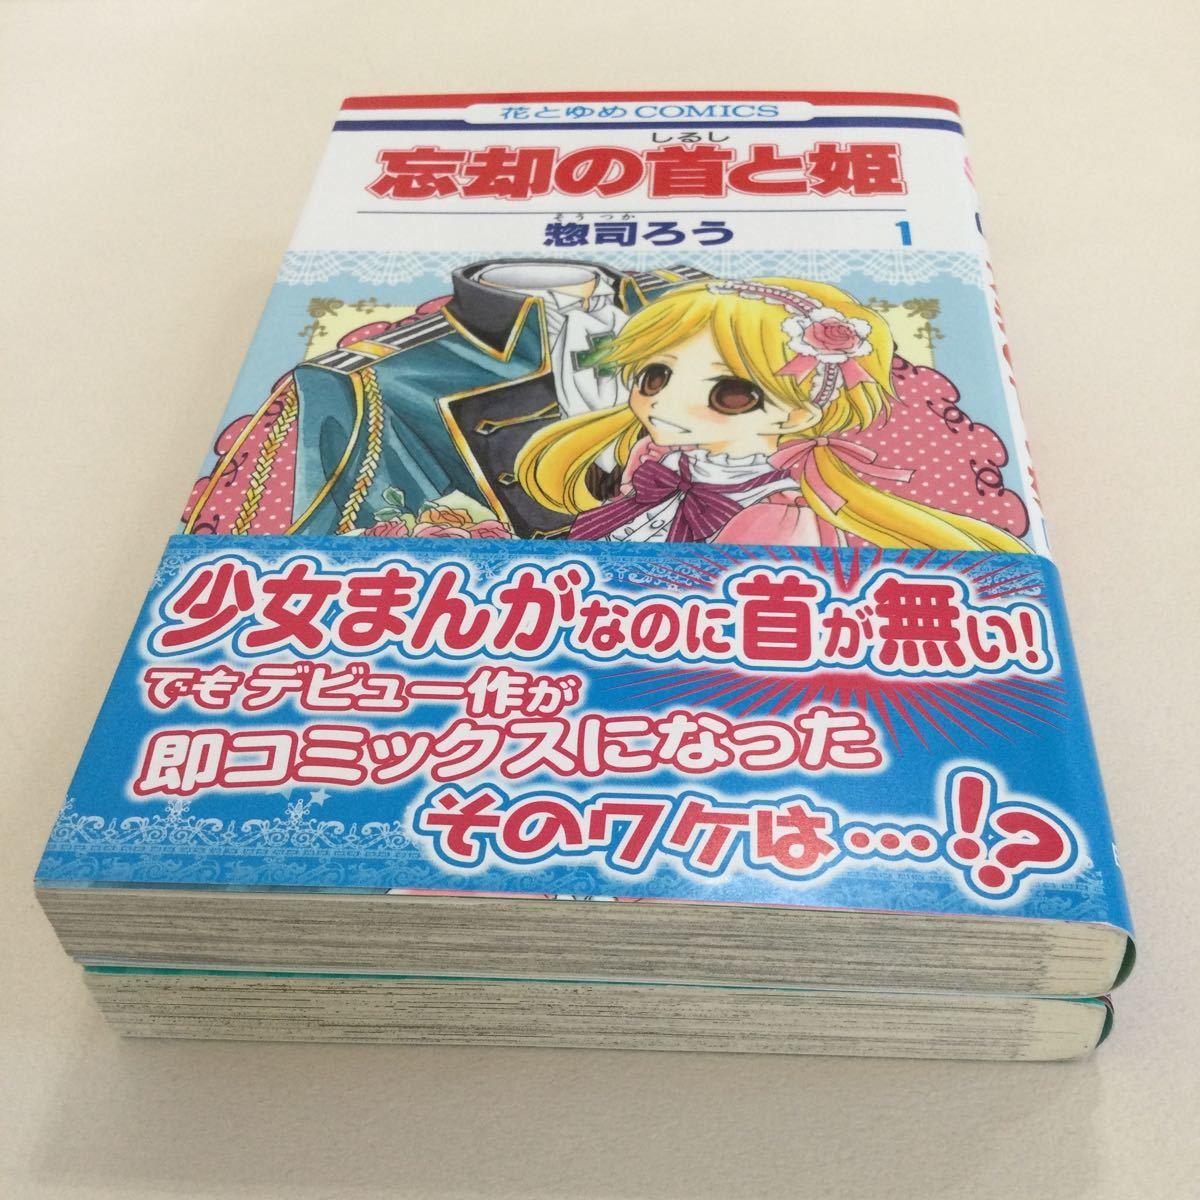 「忘却の首と姫 」1巻.2巻 惣司ろう